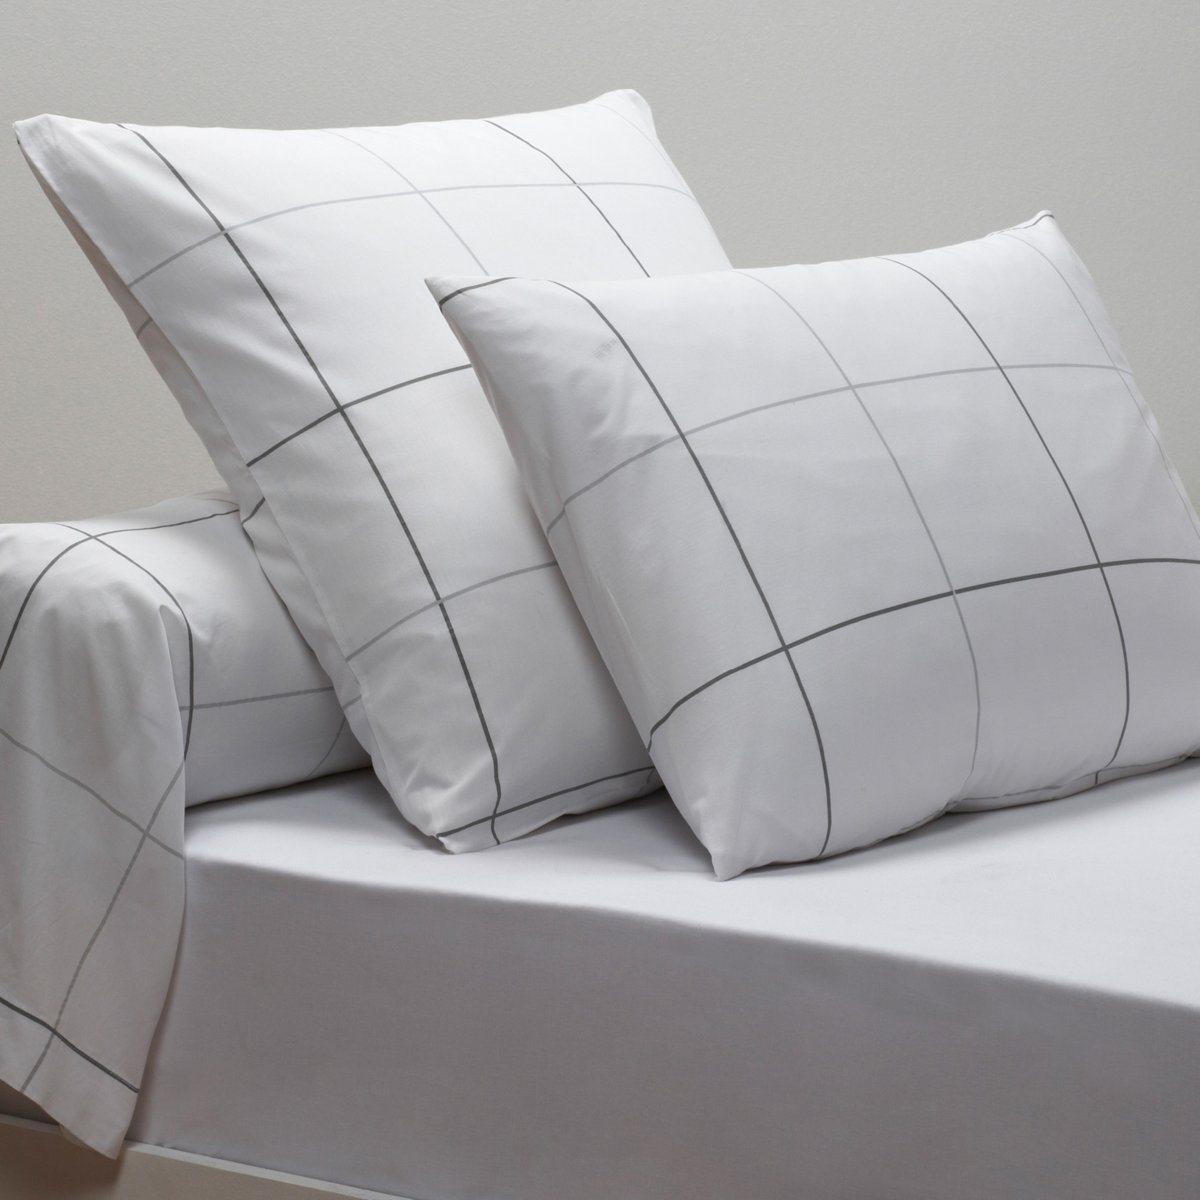 Наволочки и наволочка на подушку-валик KaroНаволочки и наволочка на подушку-валик из перкали, 100% хлопок. Ультра мягкая, нежная и шелковистая ткань, которая обеспечит безупречный внешний вид и ощущение комфорта.  Характеристики наволочек и наволочки на подушку-валик Karo:Перкаль, 100% хлопок очень плотного переплетения (65 нитей/см?): чем больше нитей/см?, тем выше качество материала.Переплетение очень тонких нитей из длинных волокон прочесанного хлопка.Машинная стирка при 60°С.Легкая глажка.Откройте для себя всю коллекцию постельного белья из перкали на сайте laredoute.ru.Знак качества Oeko-Tex® гарантирует, что продукция прошла проверку и не содержит в своем составе вредных веществ, представляющих опасность для здоровья человека.Размеры:50 x 70 см: прямоугольная наволочка.63 x 63 см: квадратная наволочка.85 x 185 см: наволочка на подушку-валик.<br><br>Цвет: белый/ серый<br>Размер: 85 x 185  см